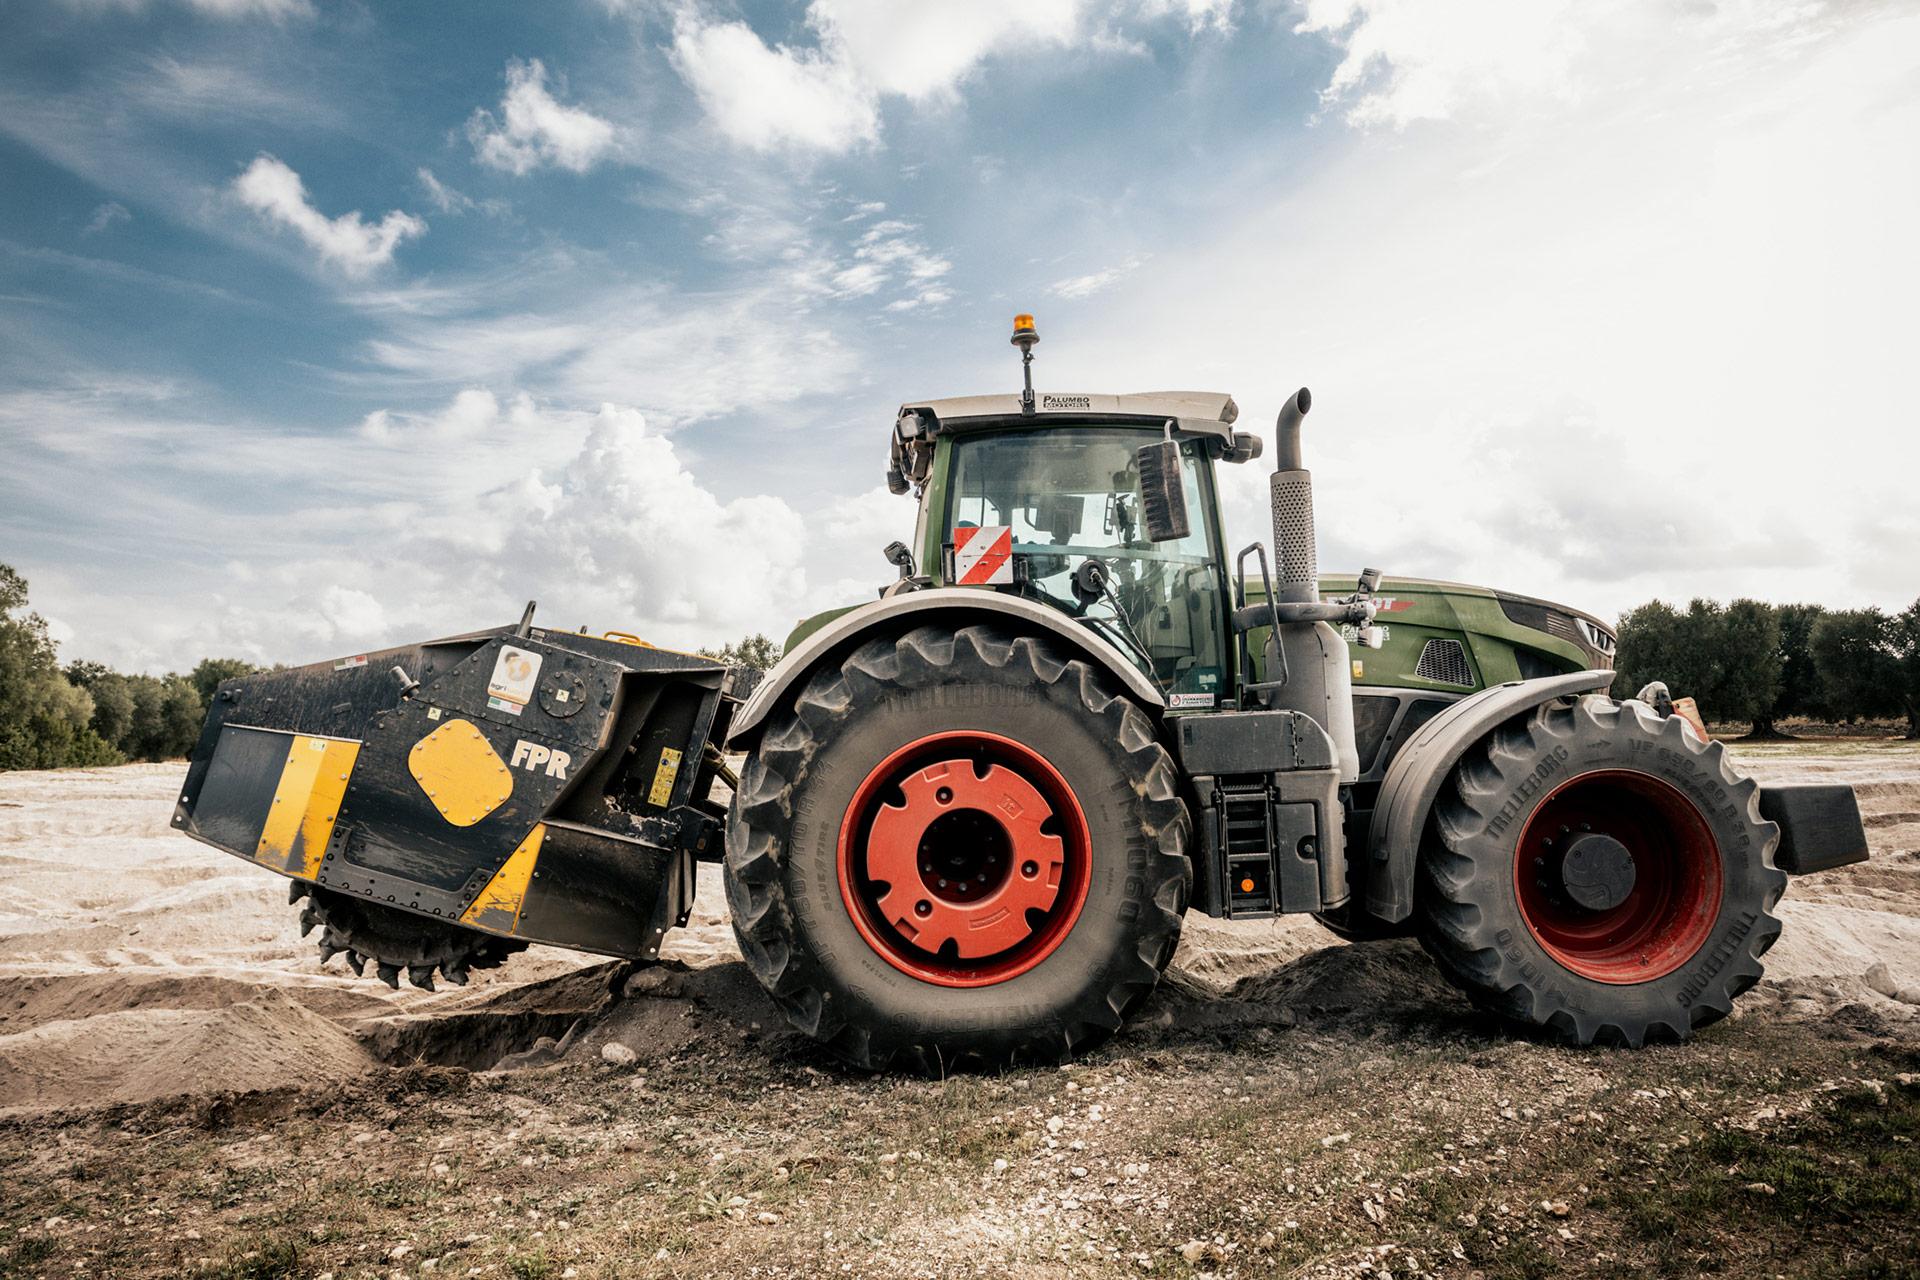 fresa per roccia-macchine agricole-altamura-italy